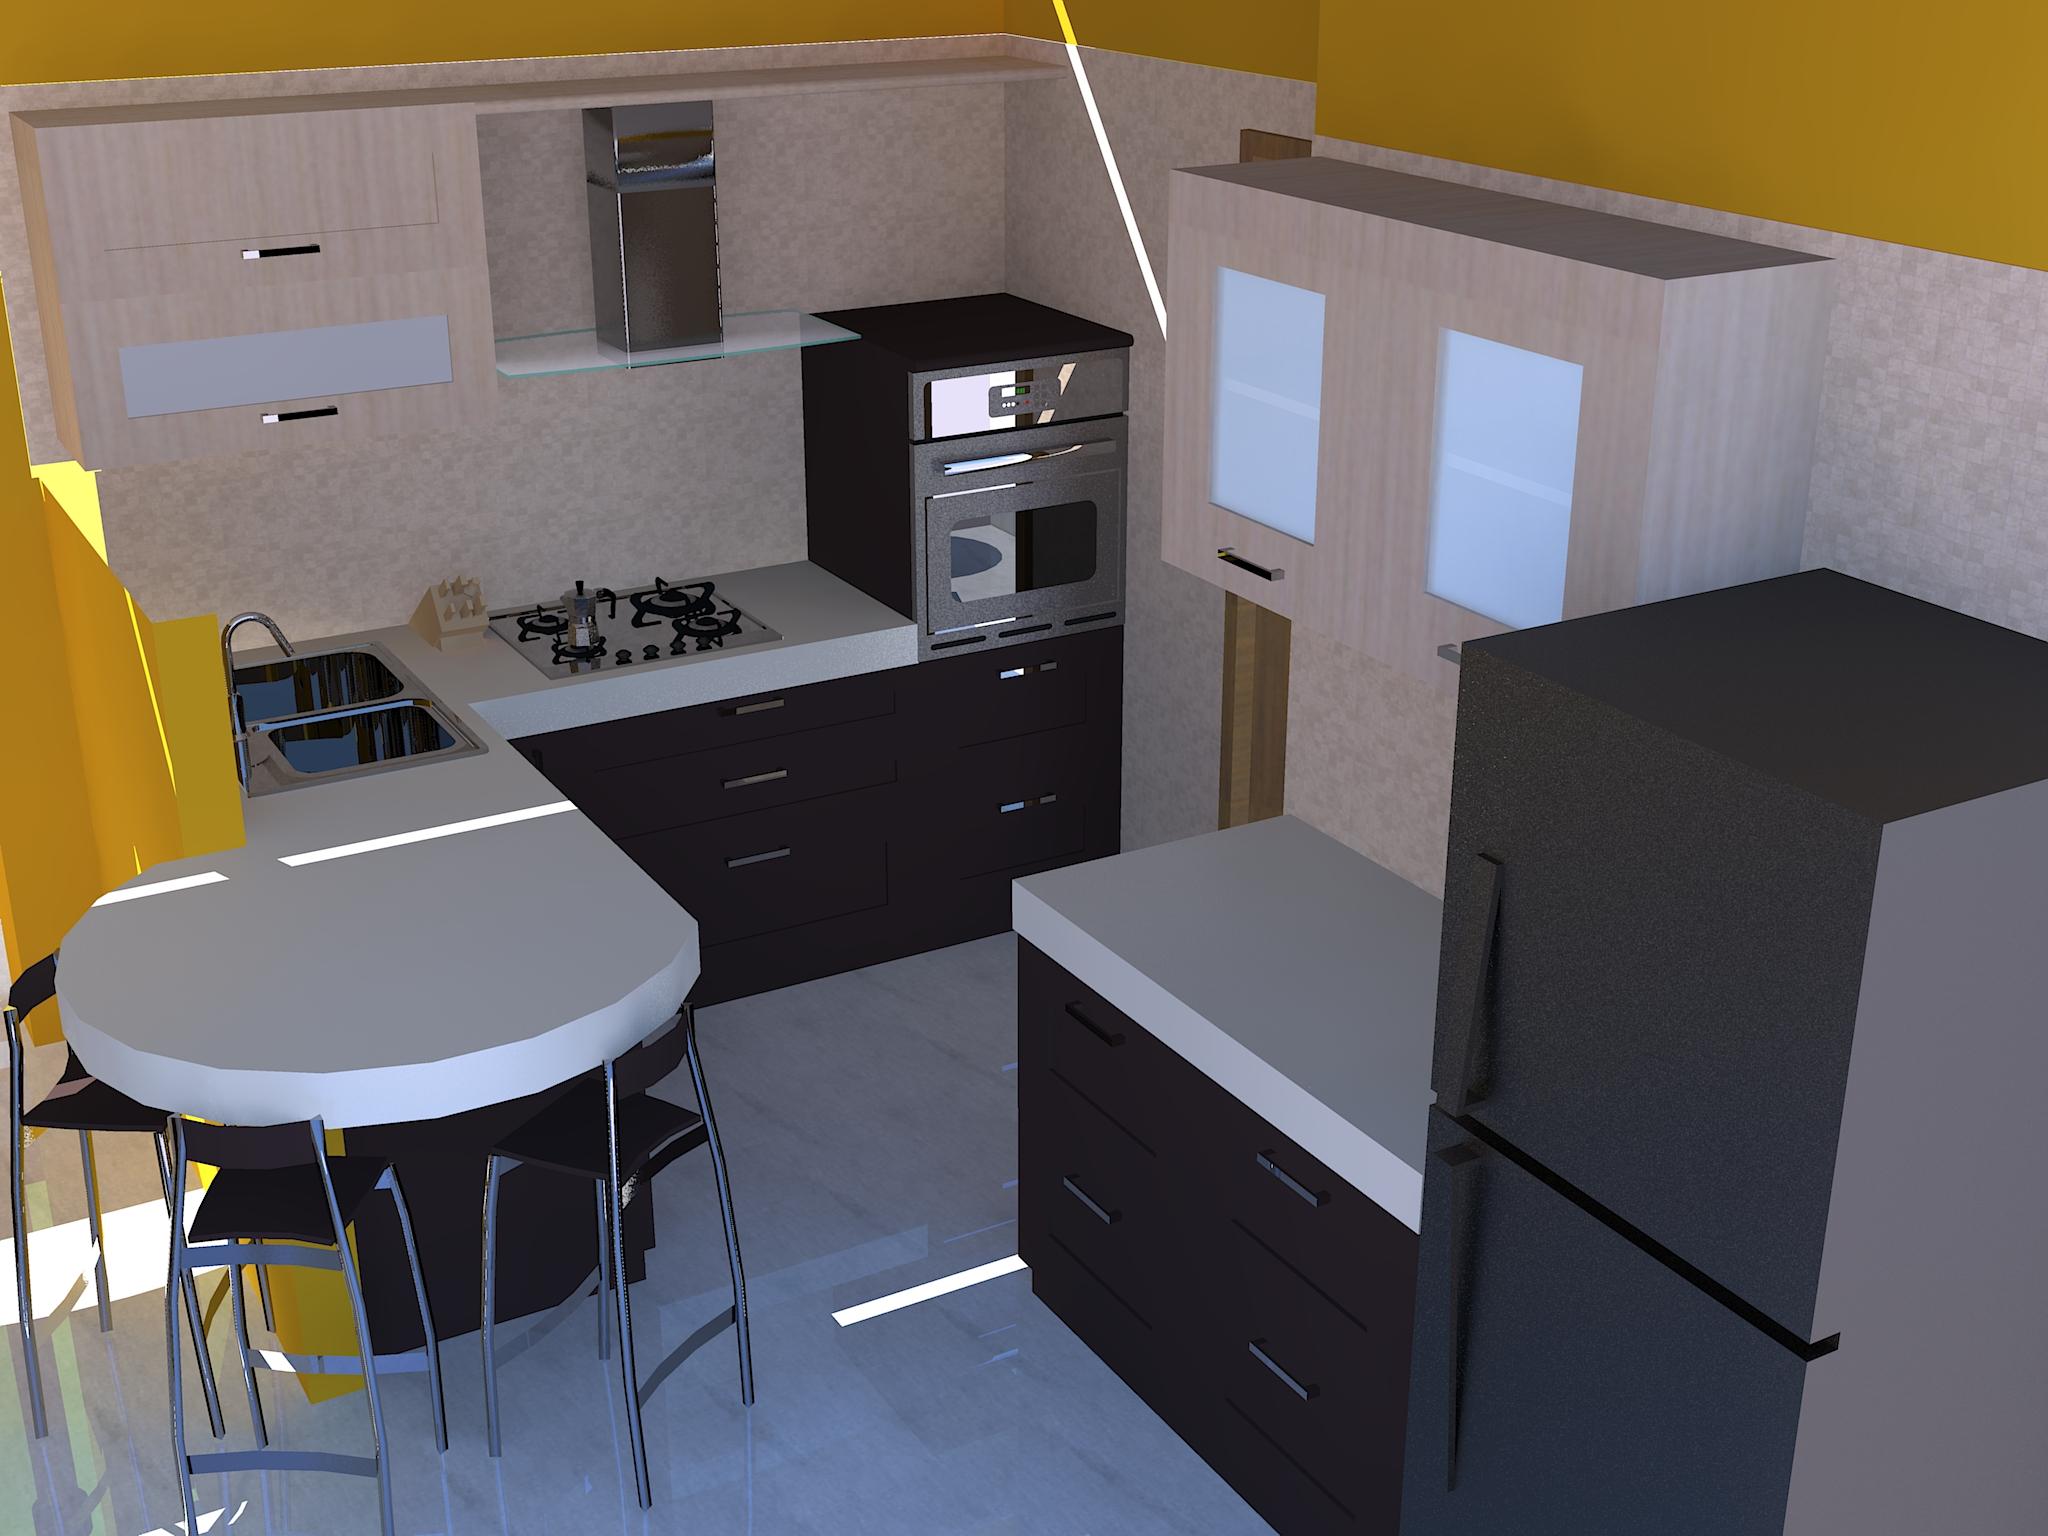 Soggiorno con angolo cottura casa design - Idee per arredare soggiorno con angolo cottura ...